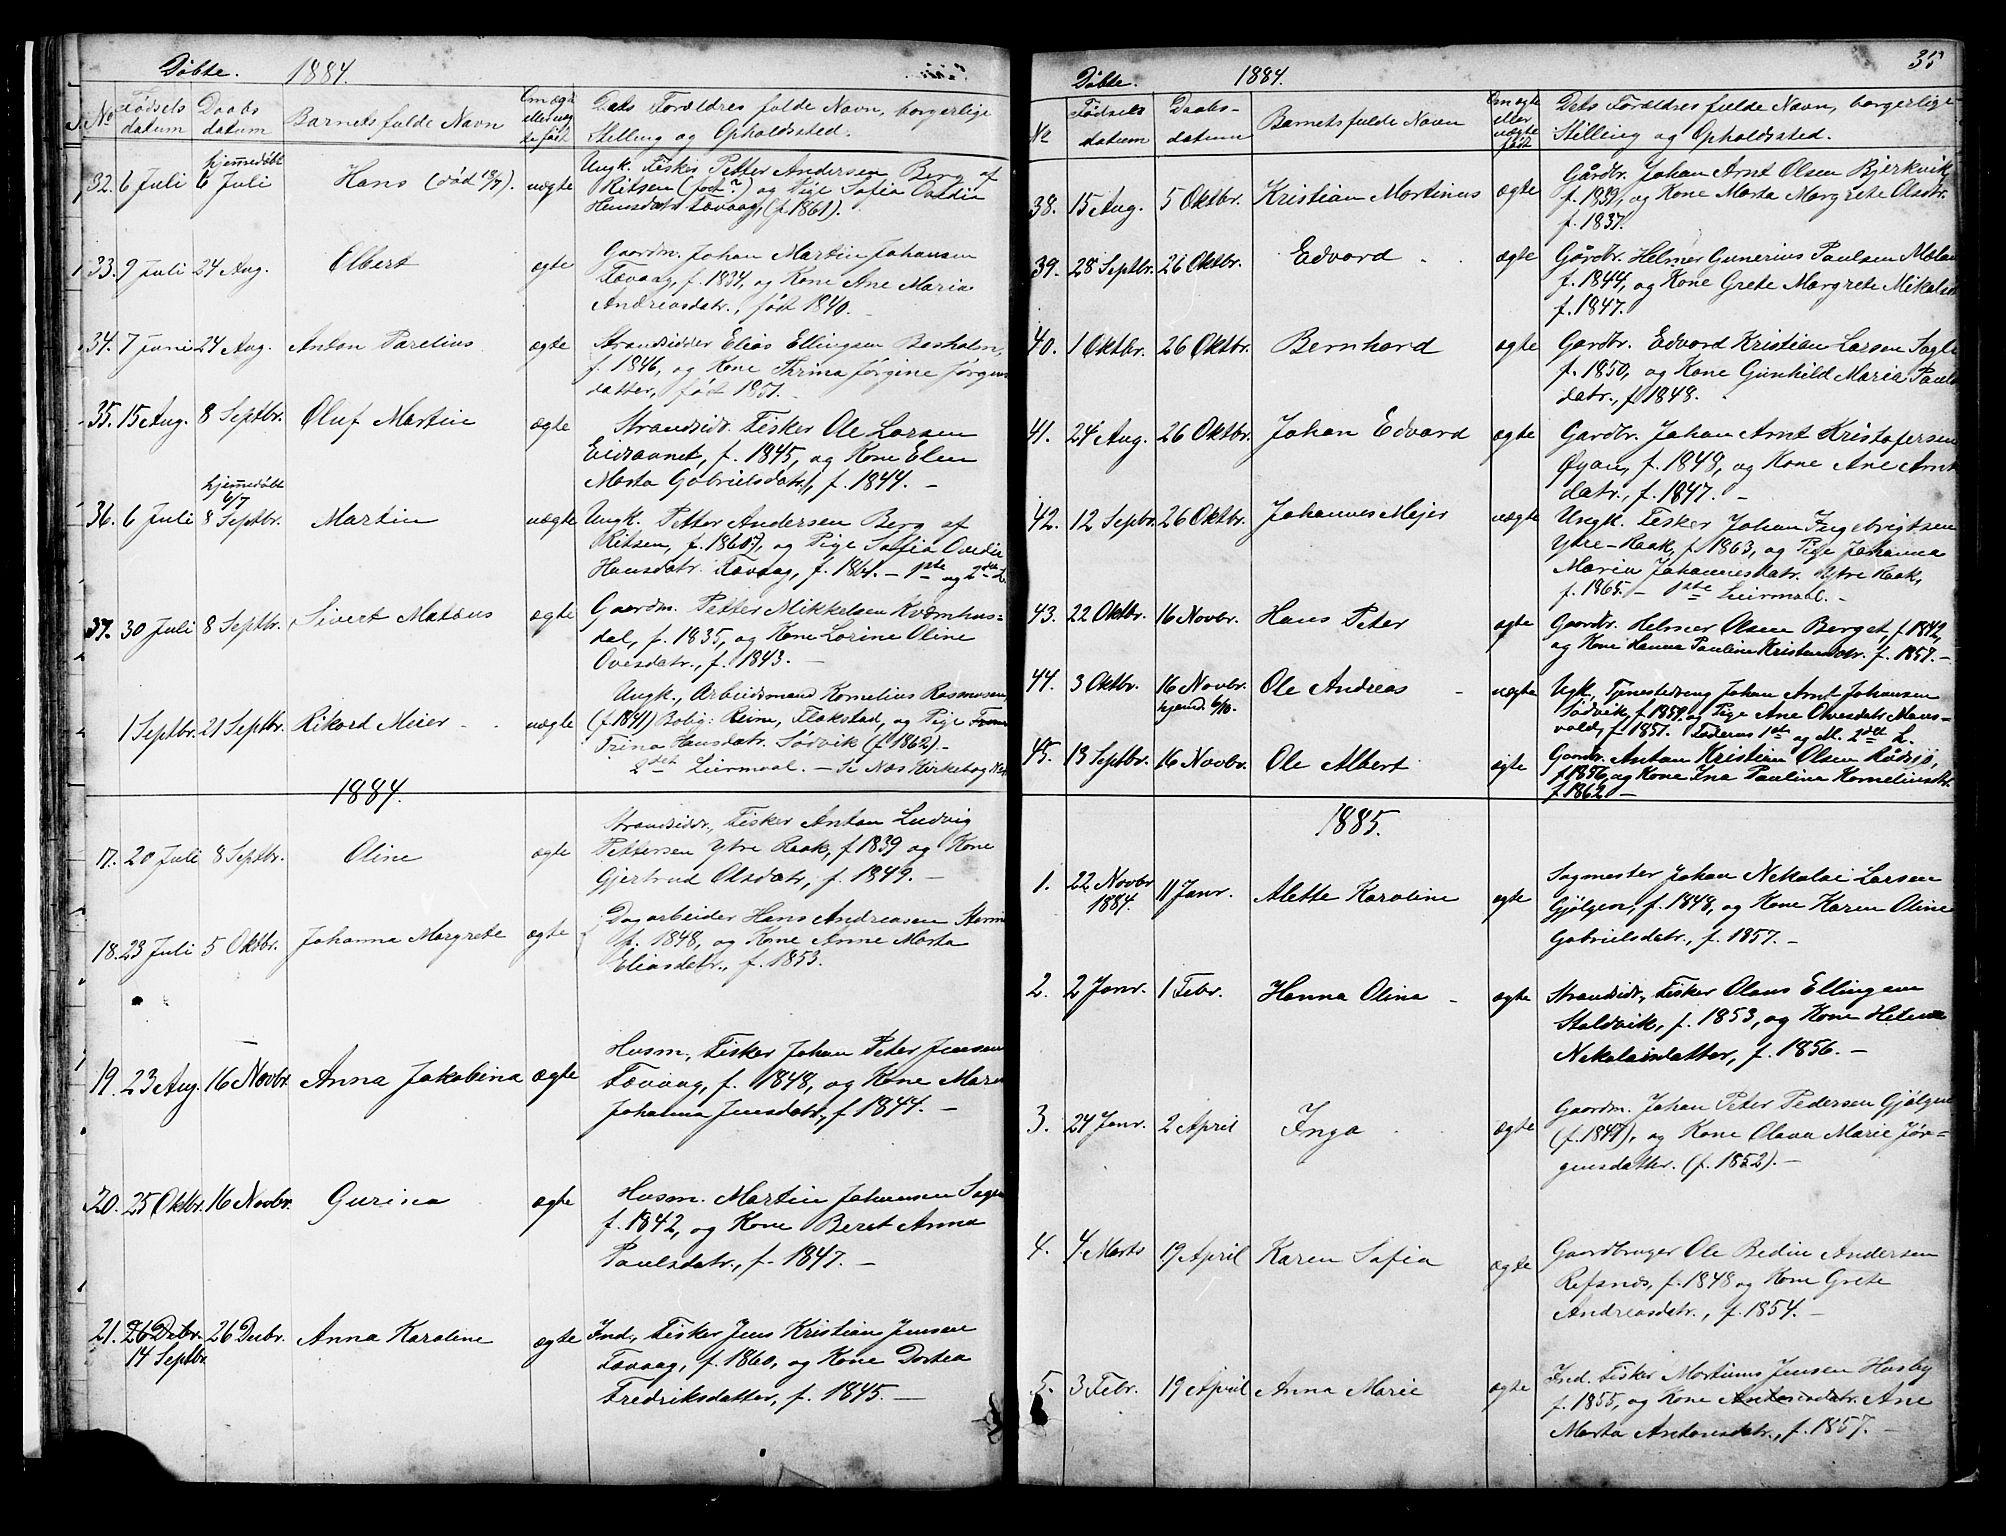 SAT, Ministerialprotokoller, klokkerbøker og fødselsregistre - Sør-Trøndelag, 653/L0657: Klokkerbok nr. 653C01, 1866-1893, s. 35